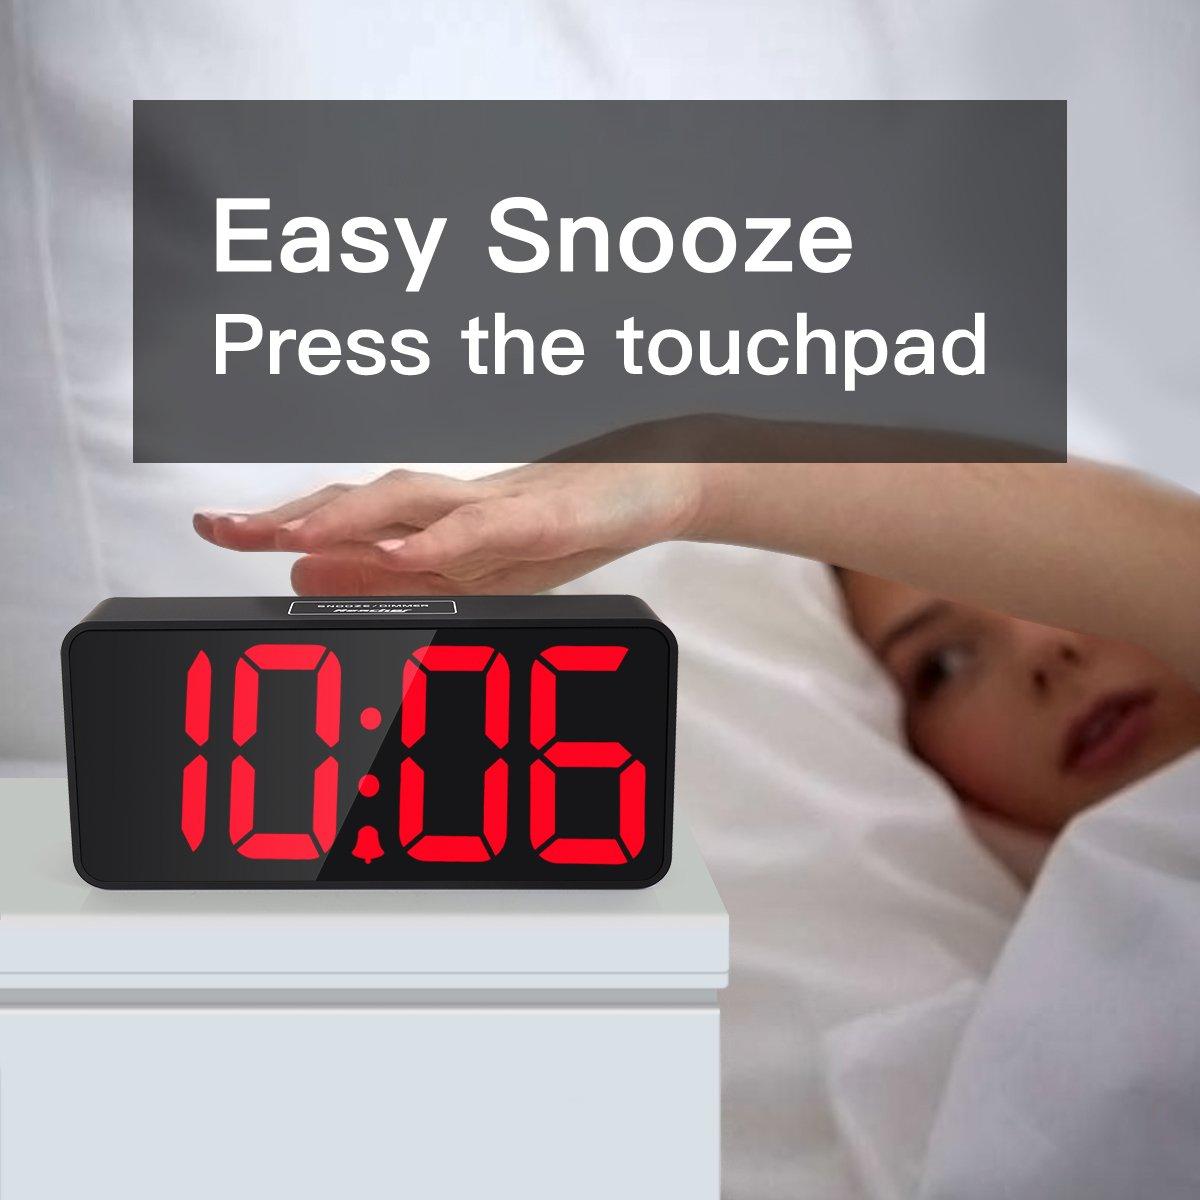 Reacher 9 Pulgadas Grande LED Digital Reloj Despertador con Puerto USB para Cargador de teléfono, Toque Activado Snooze y Dimmer, batería de Respaldo ...